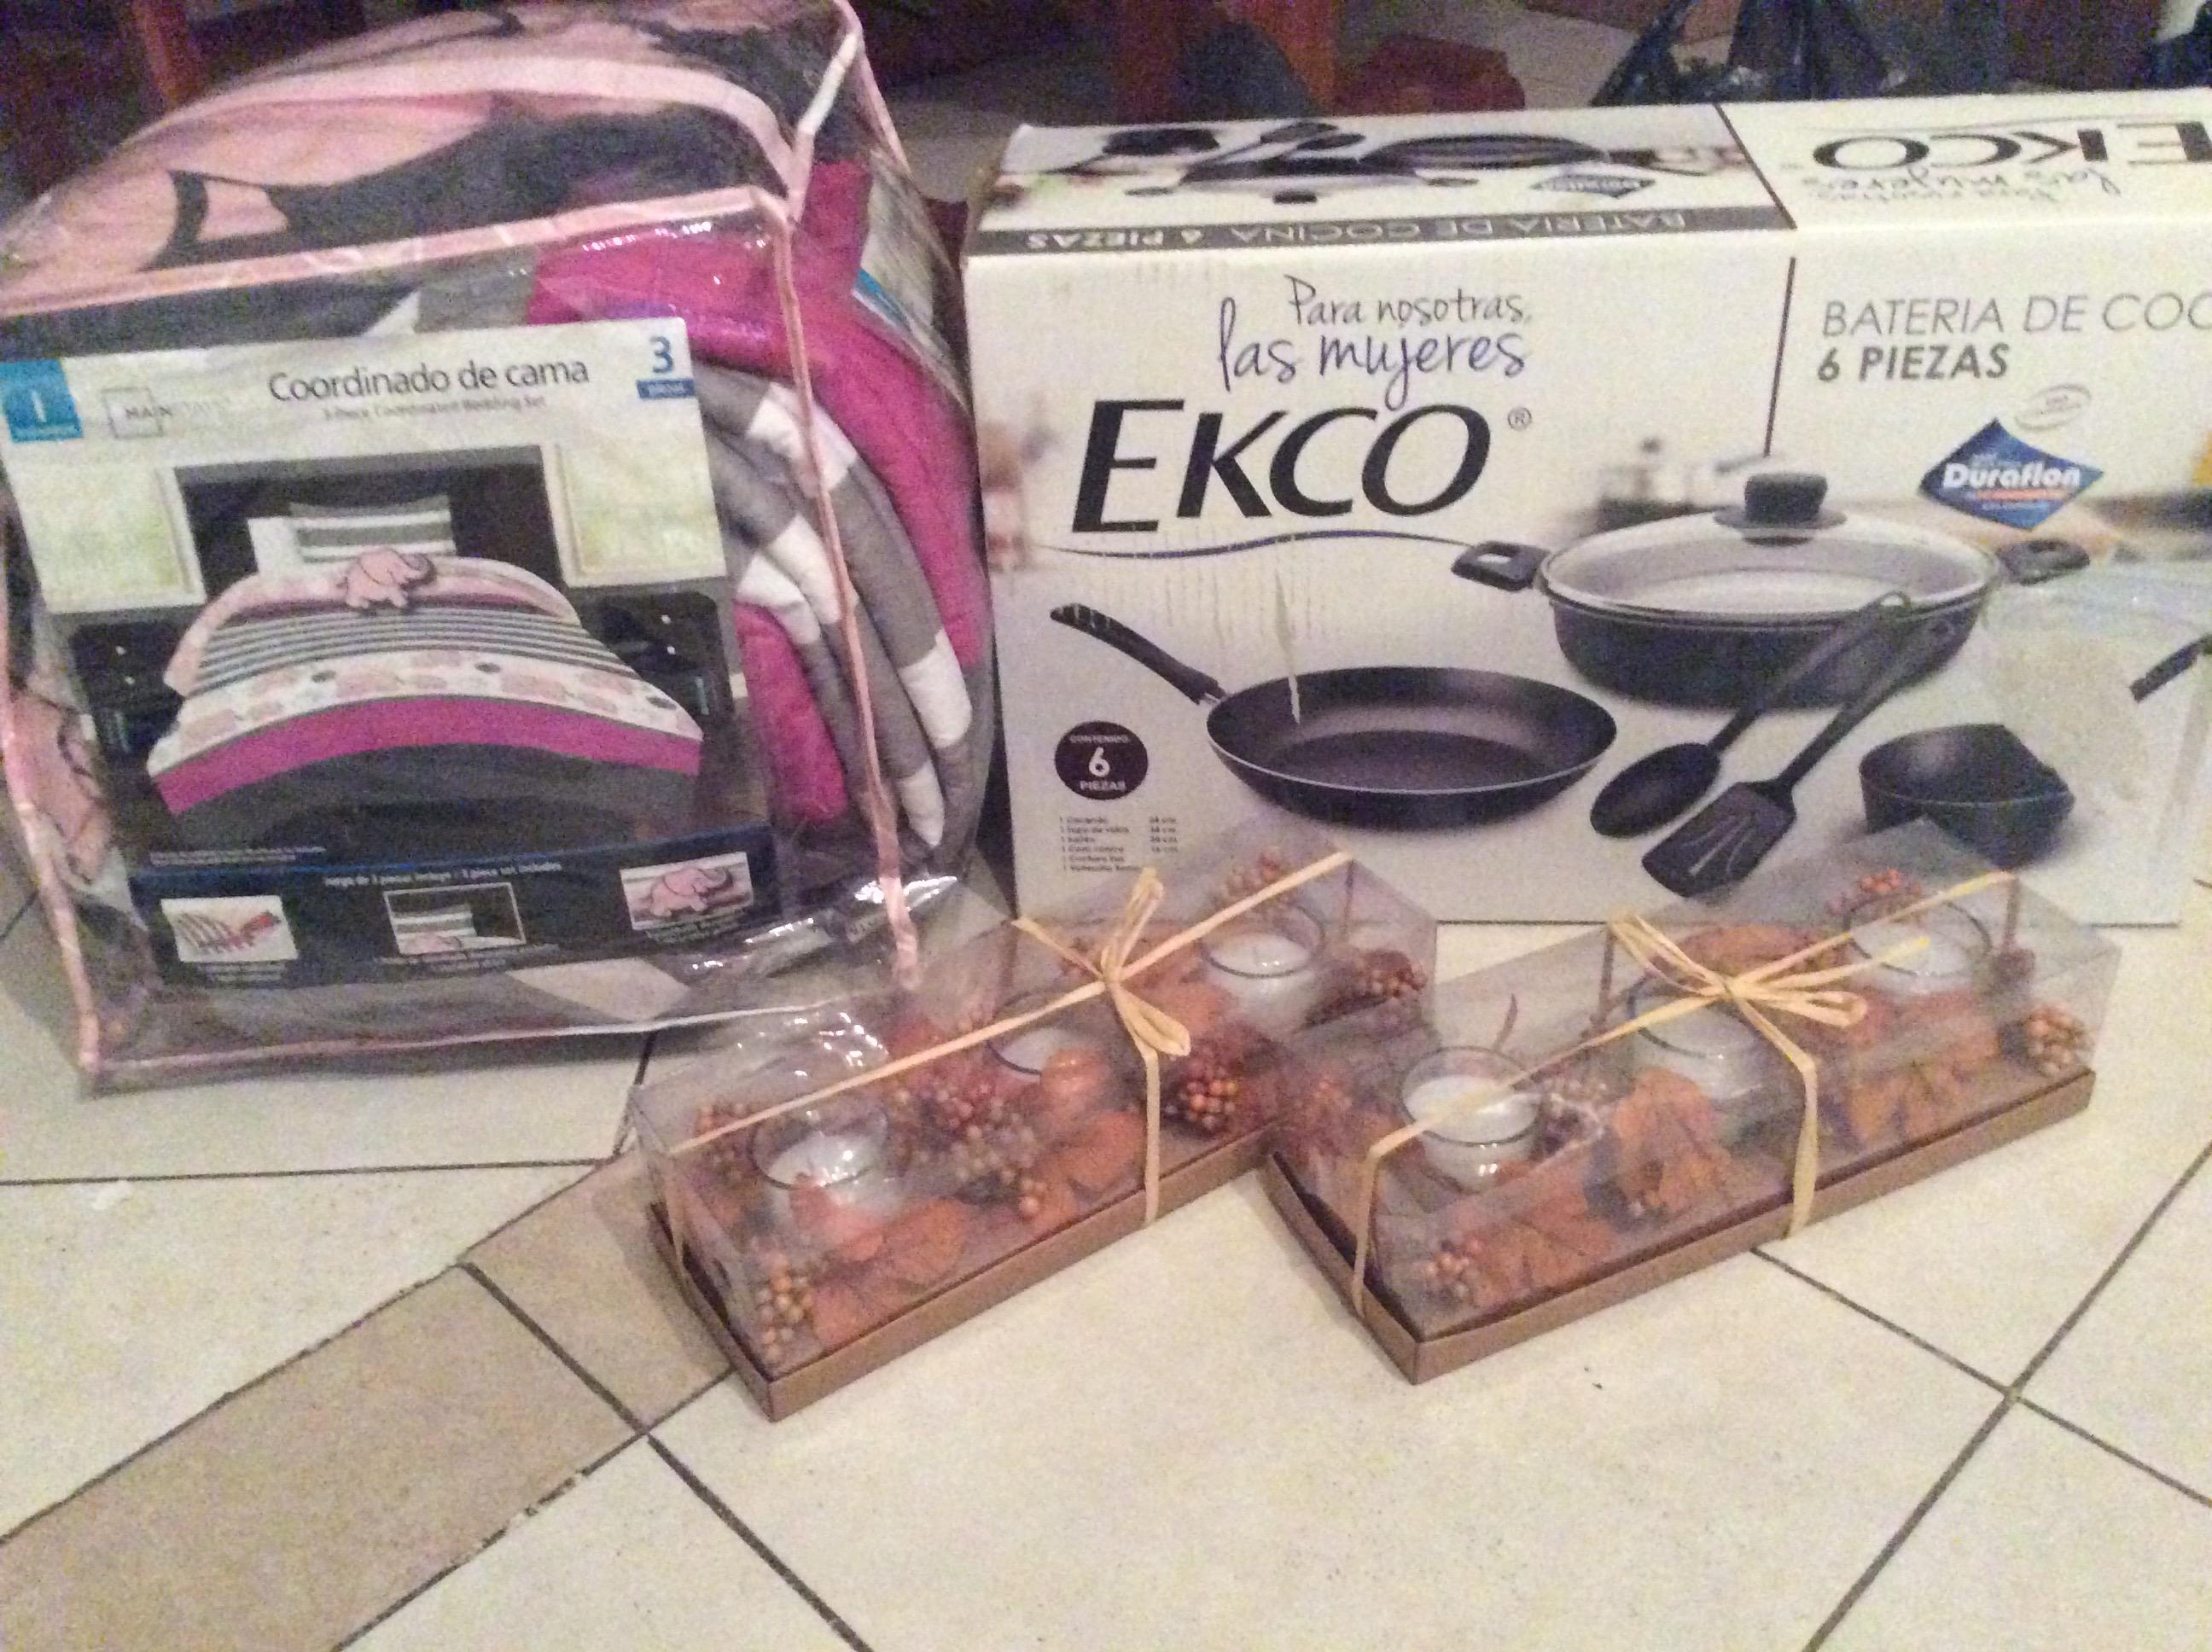 Walmart Unidad Acapulco: Bateria de Cocina Marca ekco de seis piezas a $35.01 y más